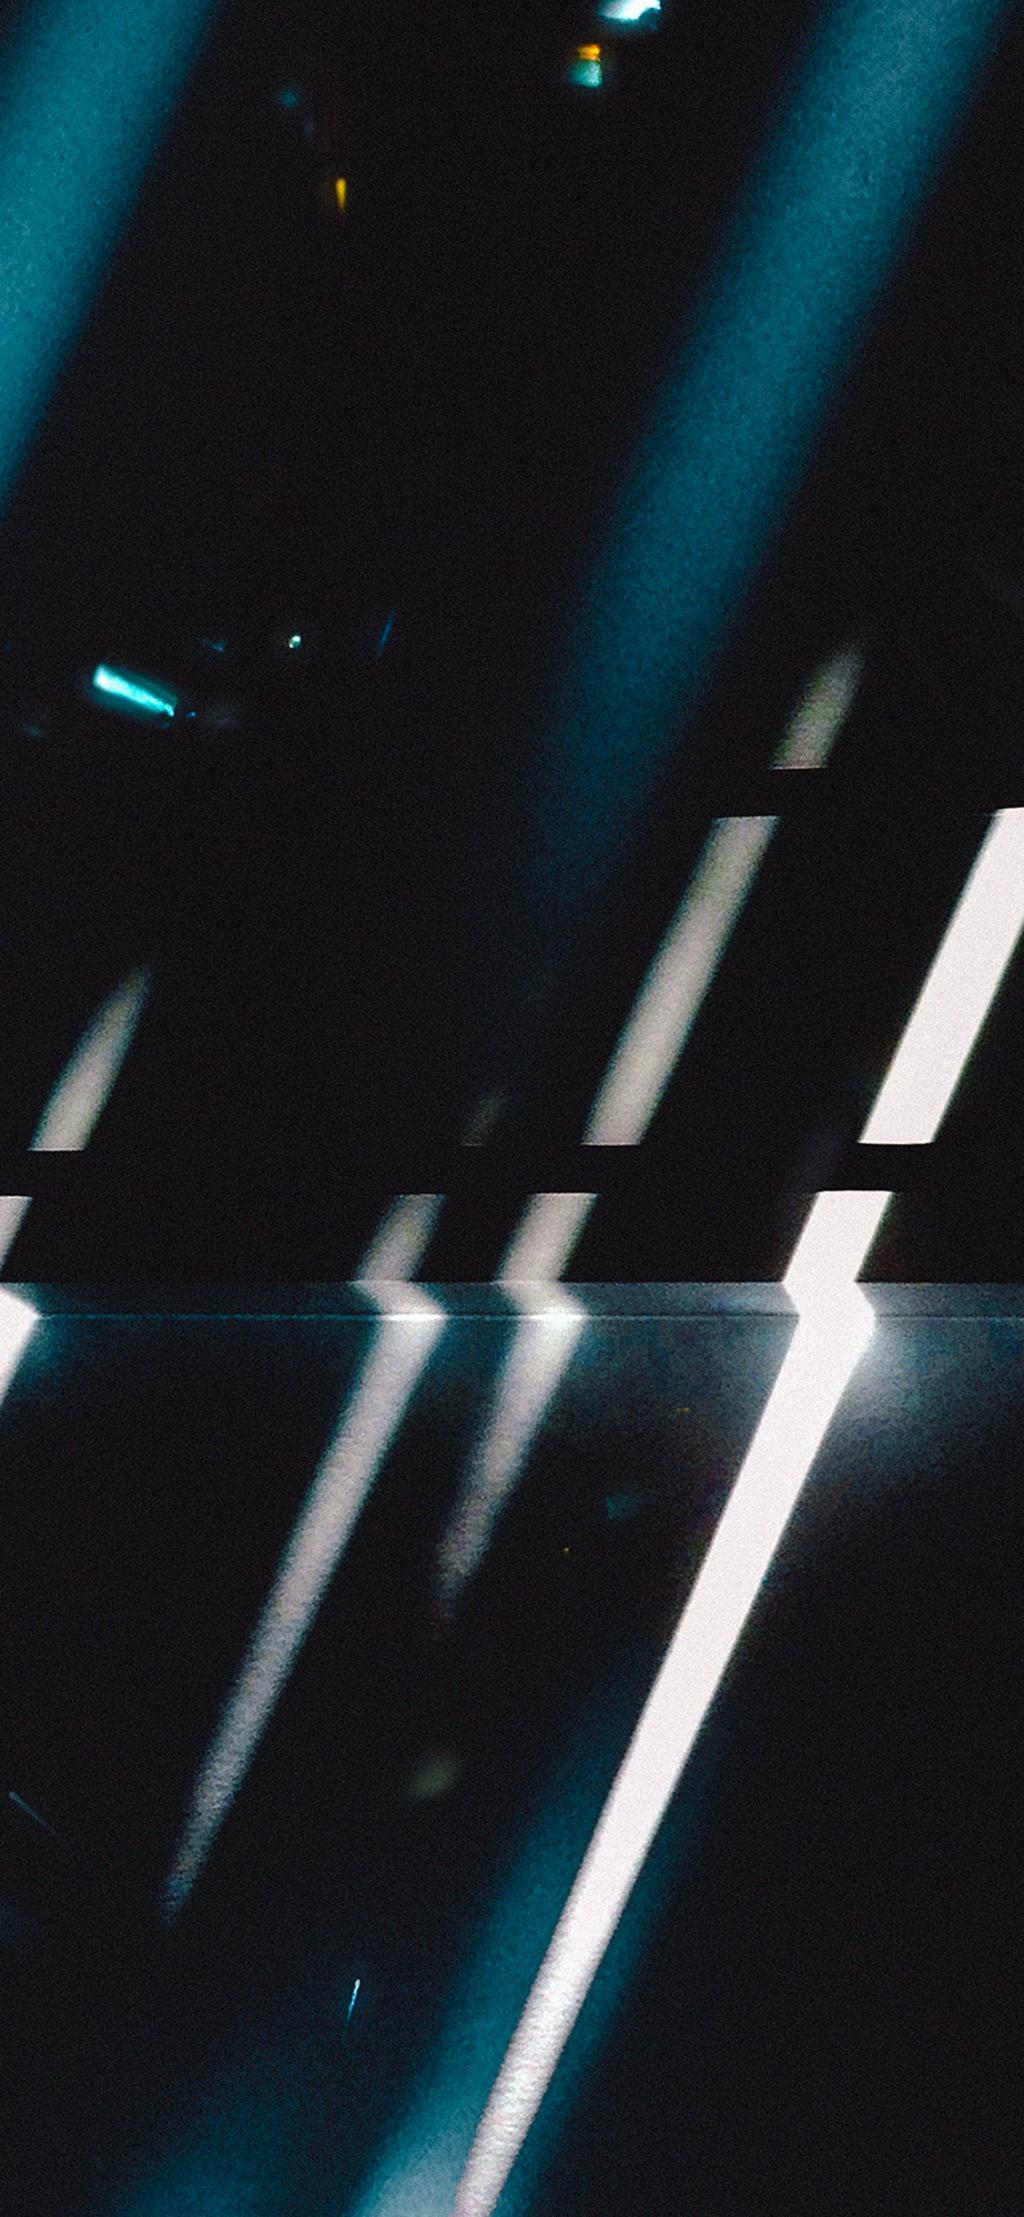 アート暗い影パターンロック画面の画像perfecthue 高精細電話